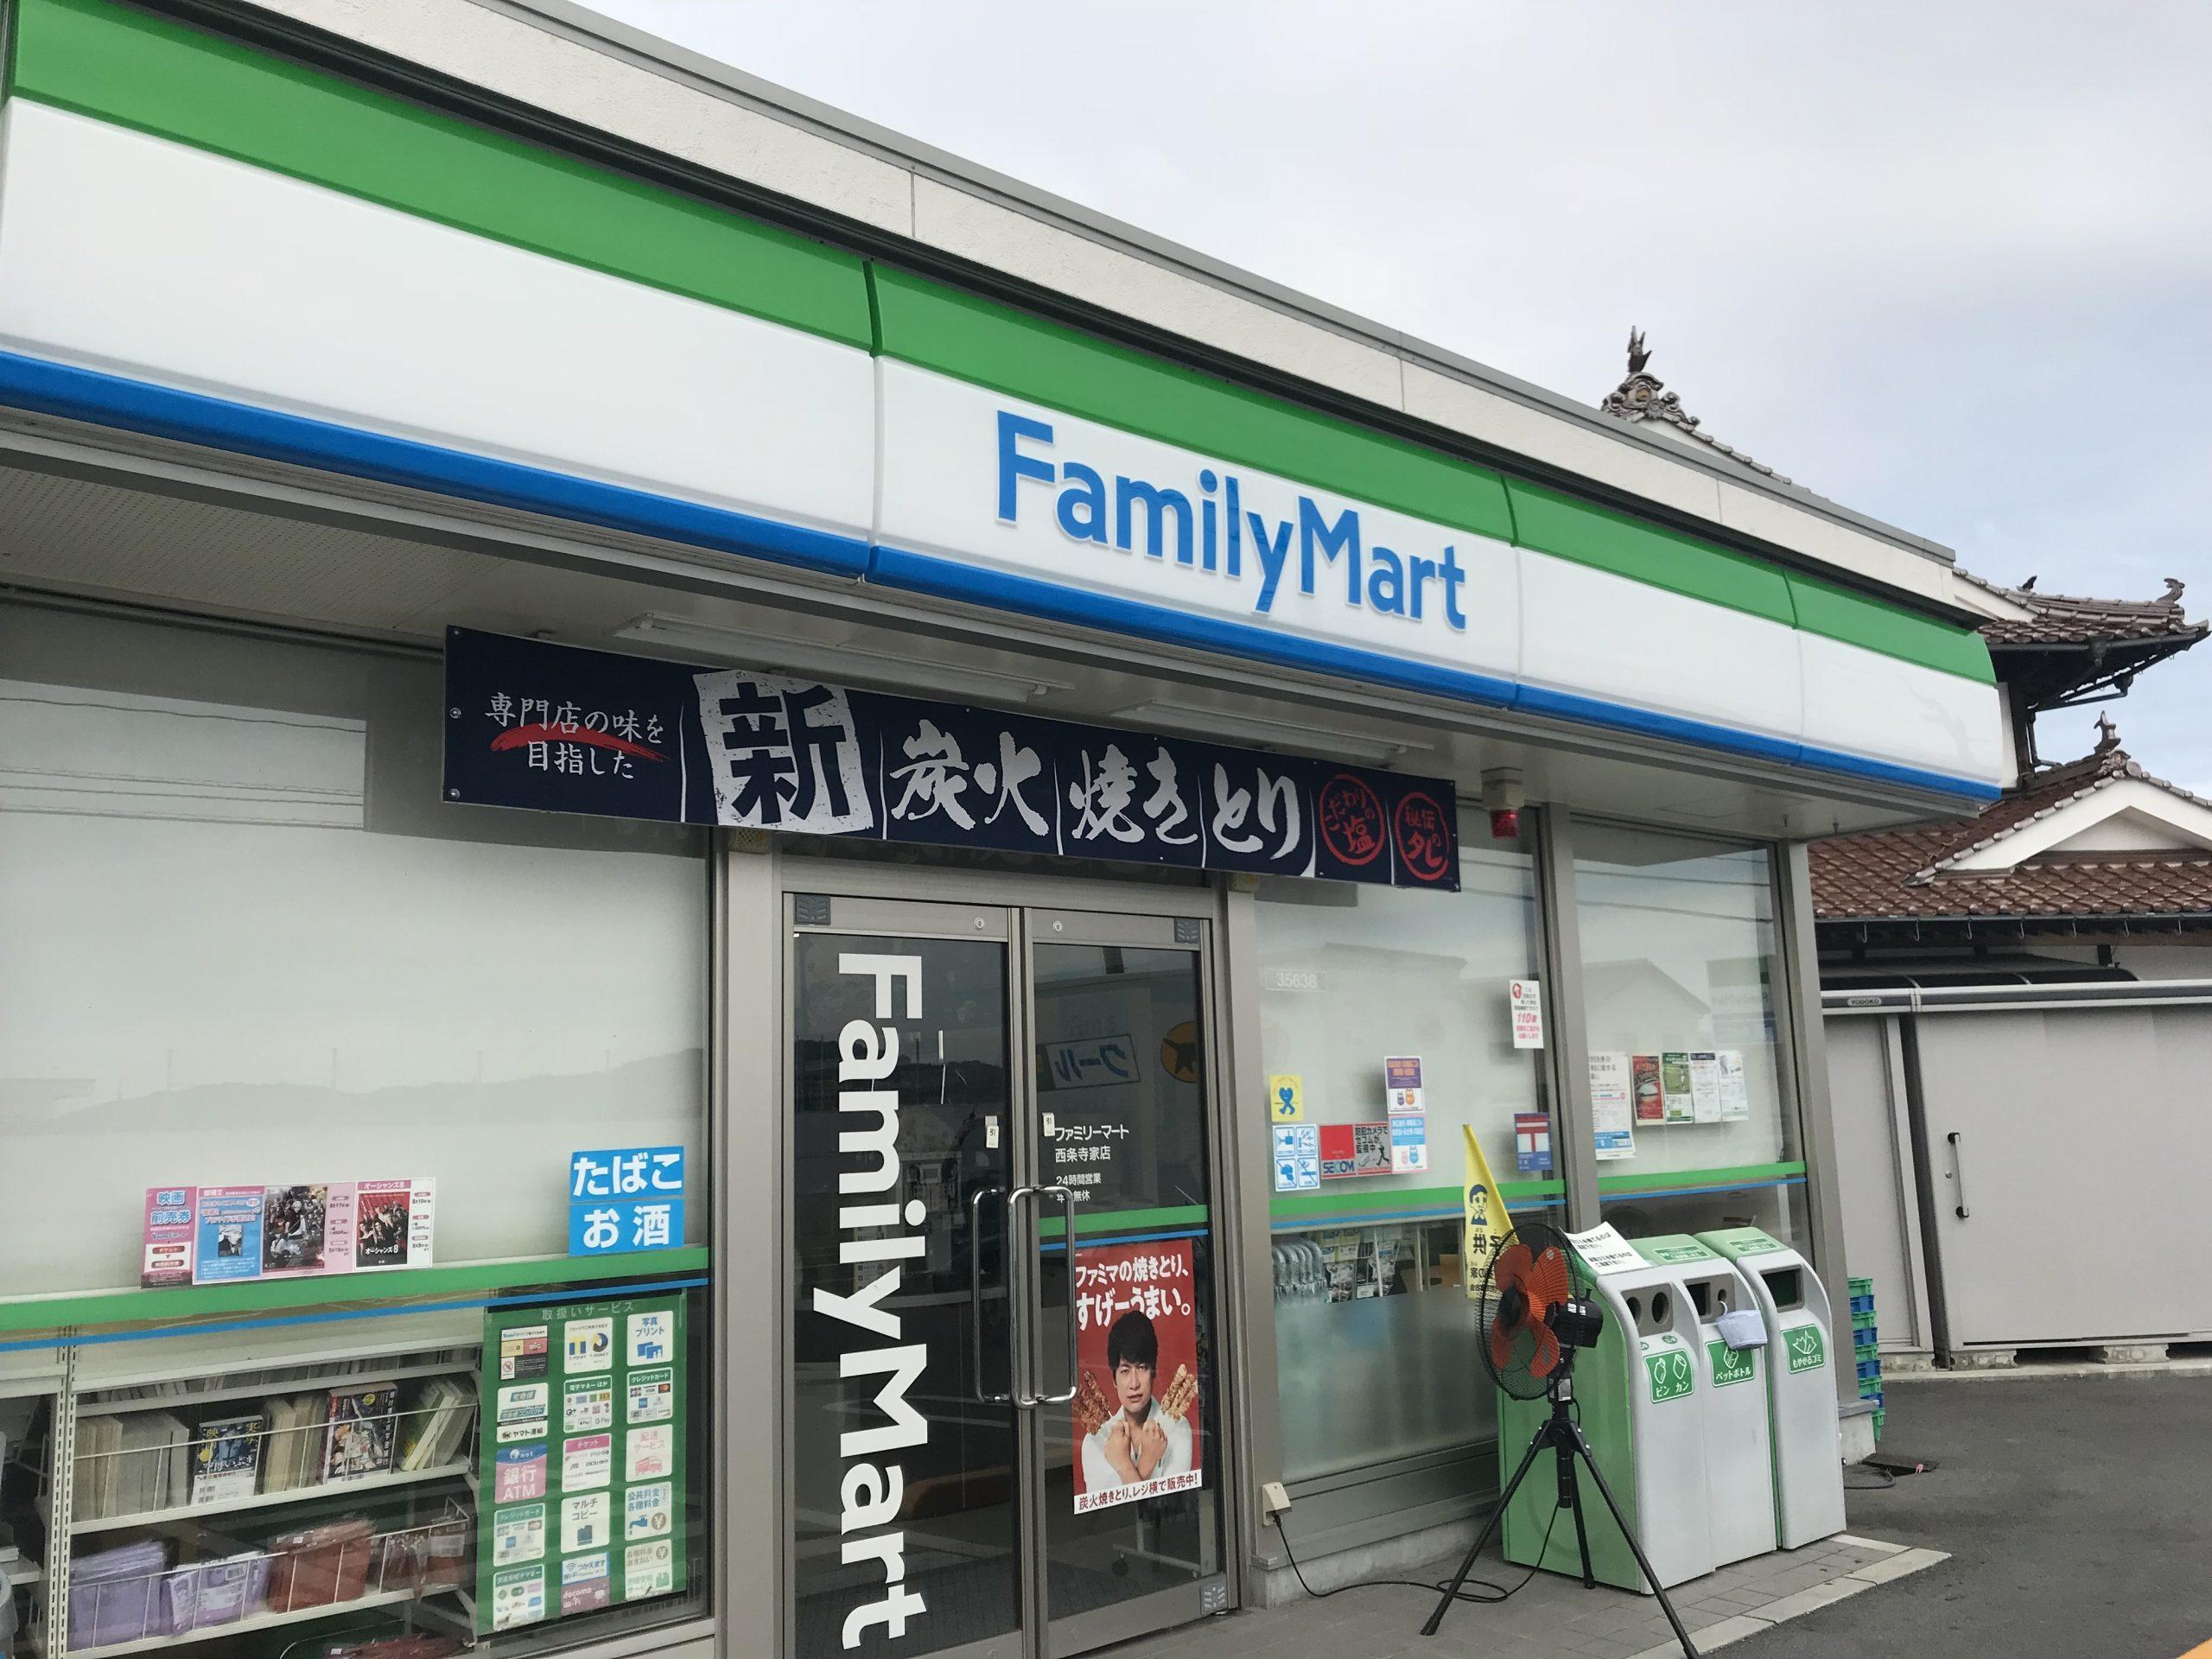 ファミリーマート寺家店